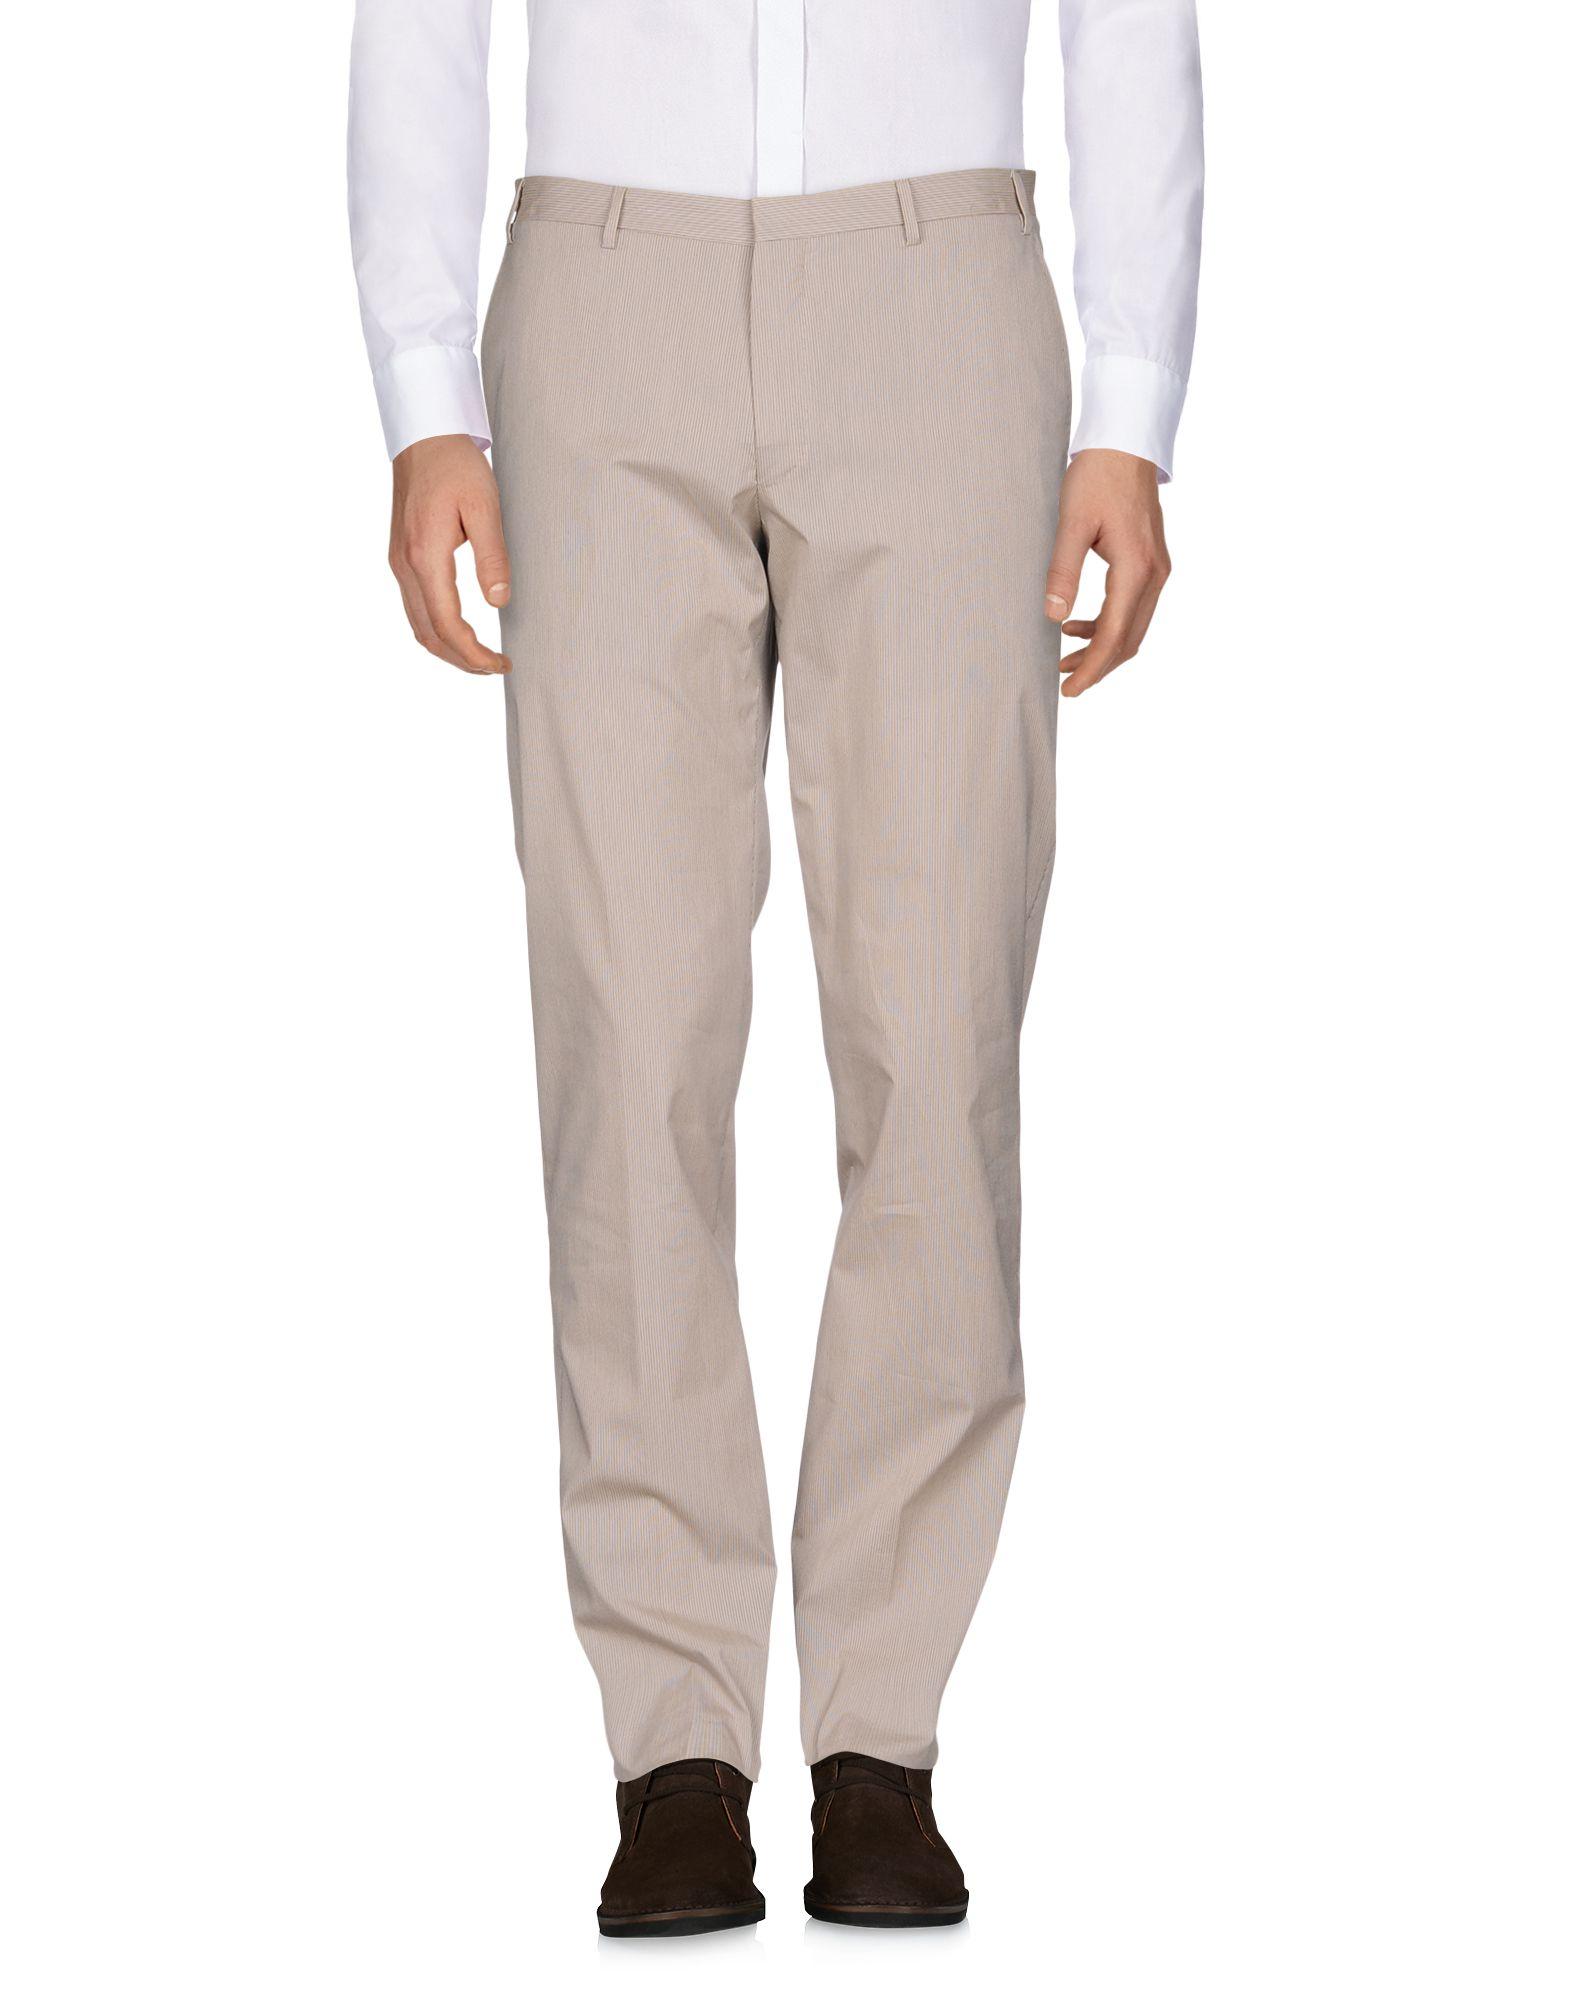 CC COLLECTION CORNELIANI Повседневные брюки playboy vip collection повседневные брюки мужские девятки брюки тонкие тонкие фитинги прямые брюки 1904 черный 34